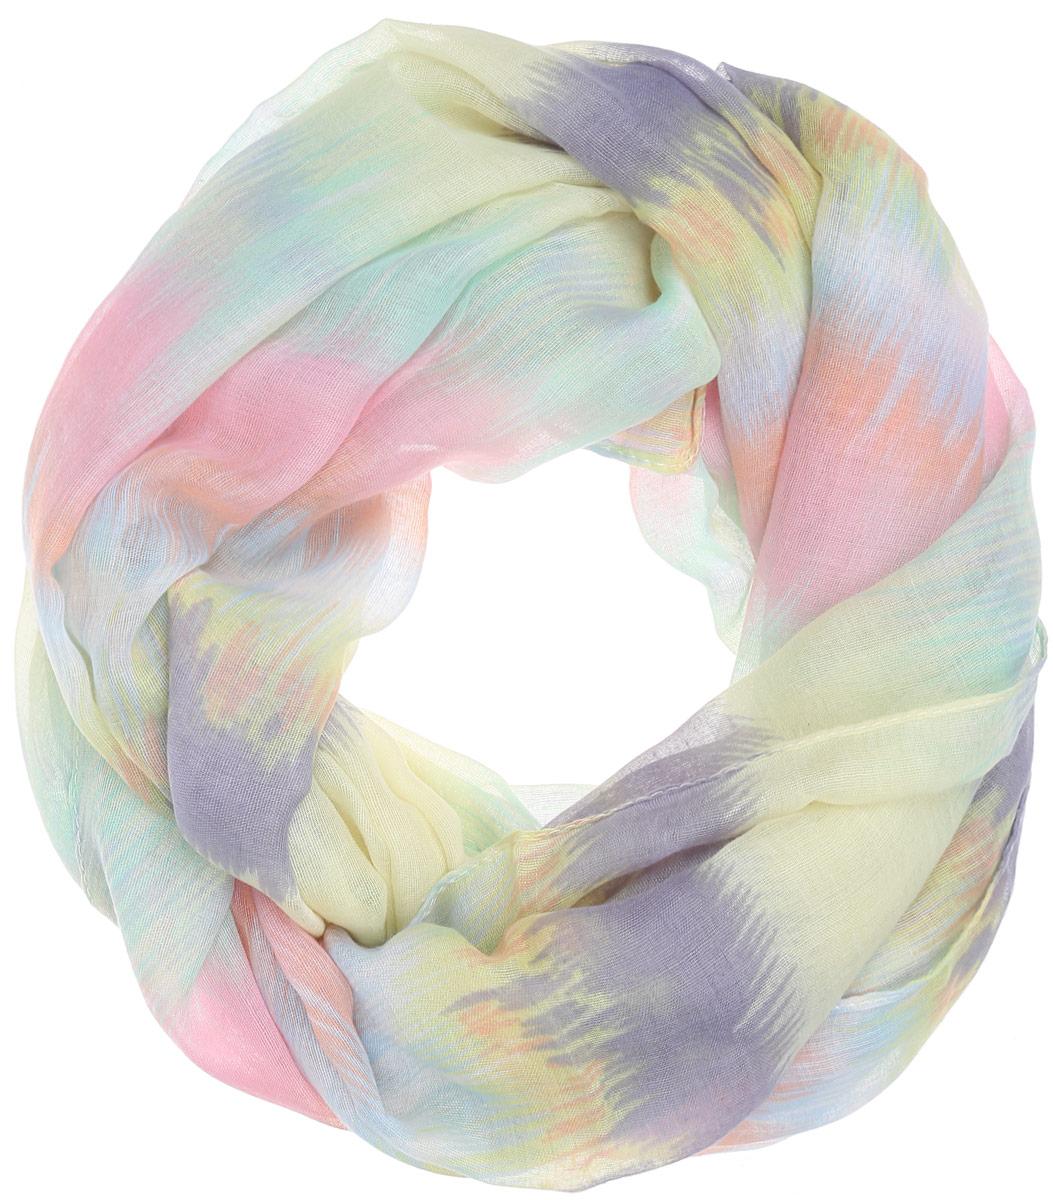 Палантин женский Labbra, цвет: желтый, серый, розовый. LDB31-621. Размер 90 см х 180 смLDB31-621Элегантный палантин Labbra станет достойным завершением вашего образа.Палантин изготовлен из вискозы. Модель оформлена оригинальным принтом в виде размытых полос. Палантин красиво драпируется, он превосходно дополнит любой наряд и подчеркнет ваш изысканный вкус.Легкий и изящный палантин привнесет в ваш образ утонченность и шарм.